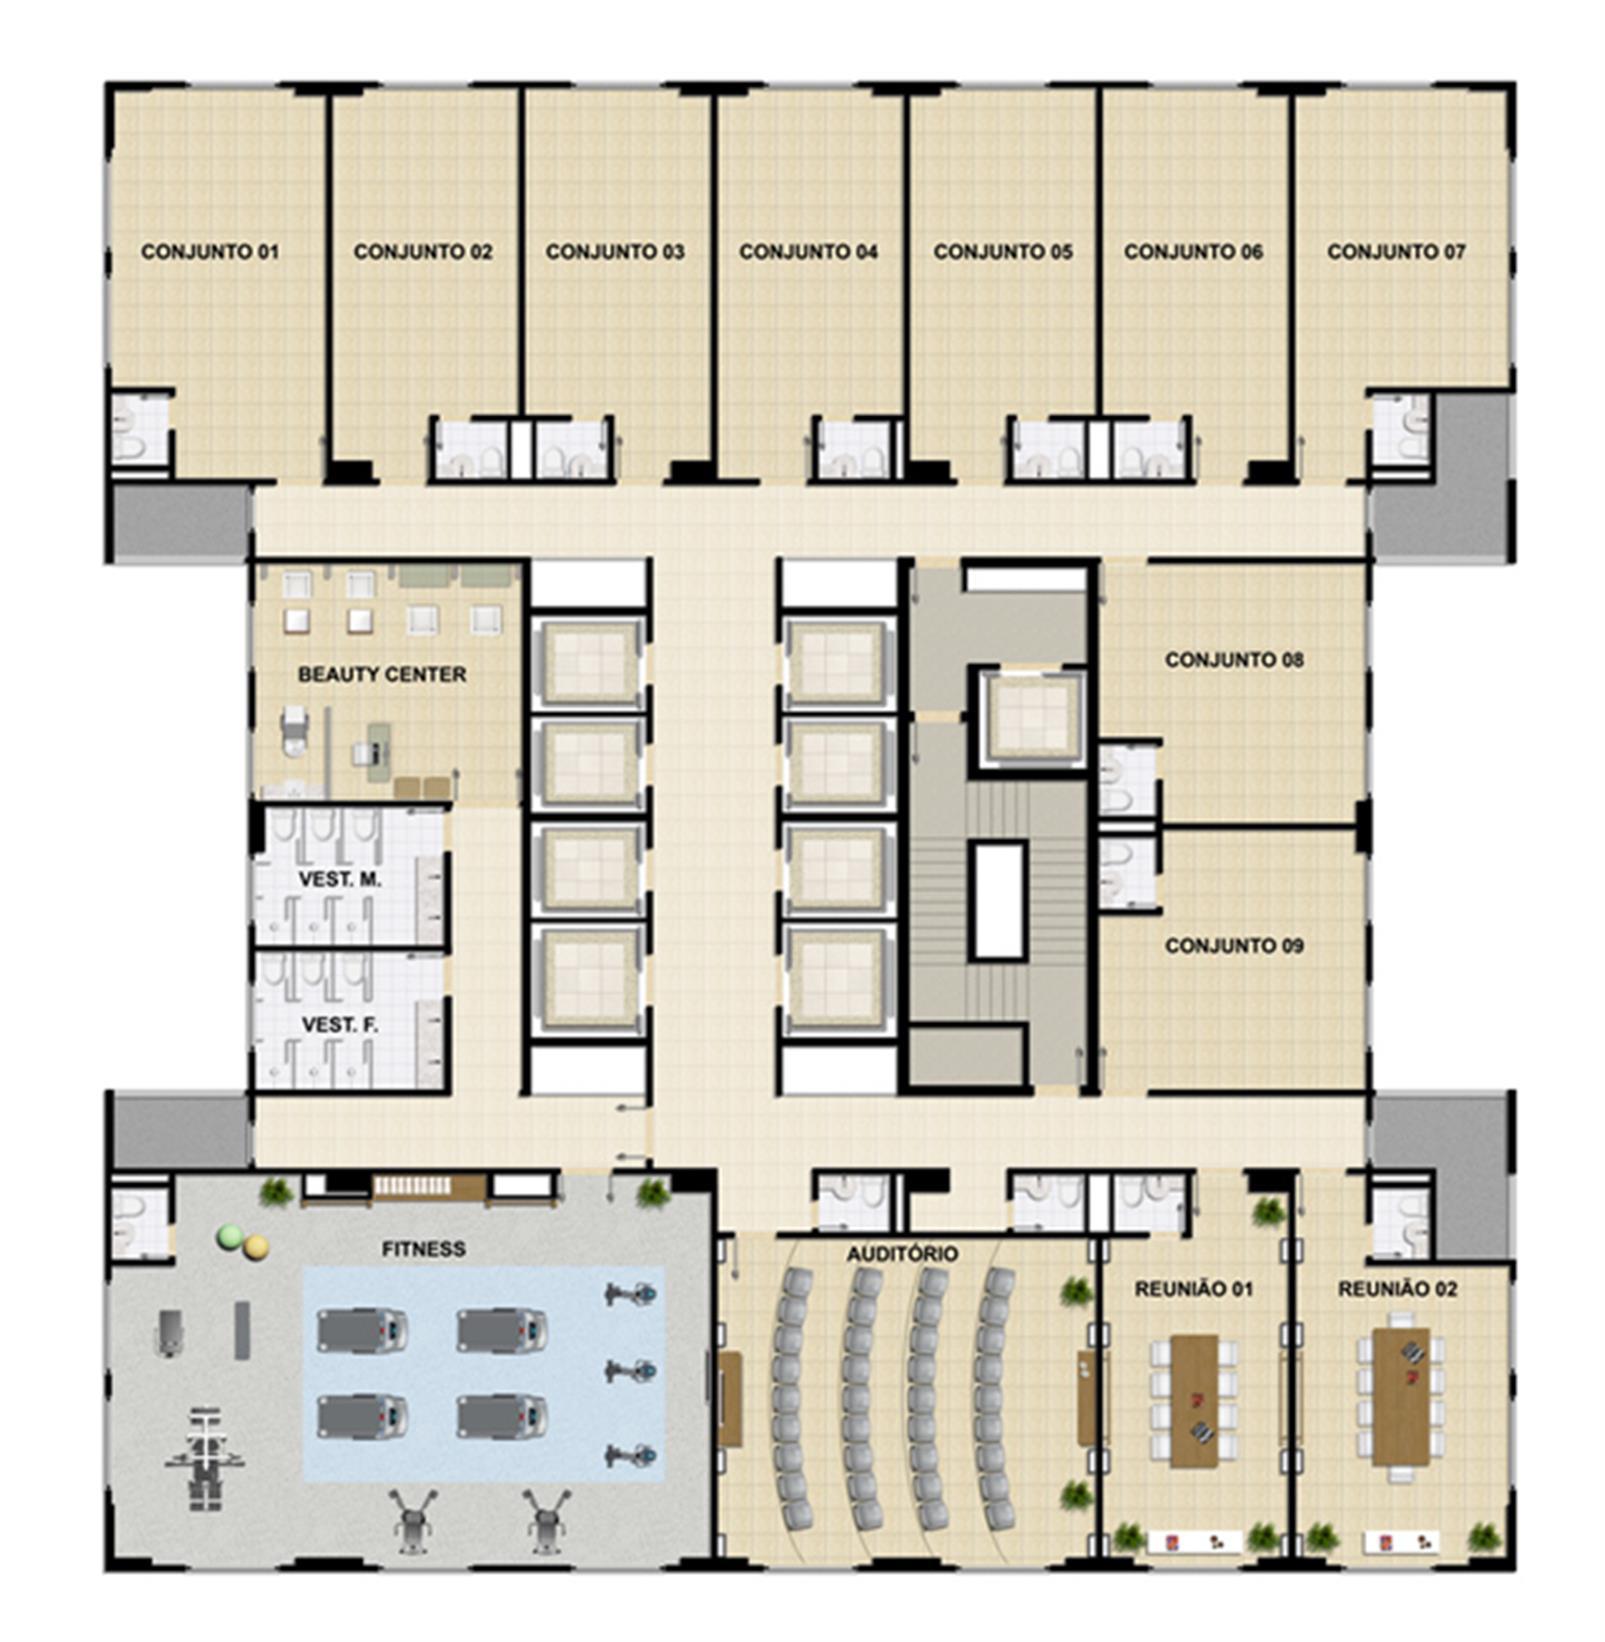 Planta Tipo 1º pavimento   Opção sala em formato Auditório | Mirai – Salas Comerciaisem  Umarizal  - Belém - Pará